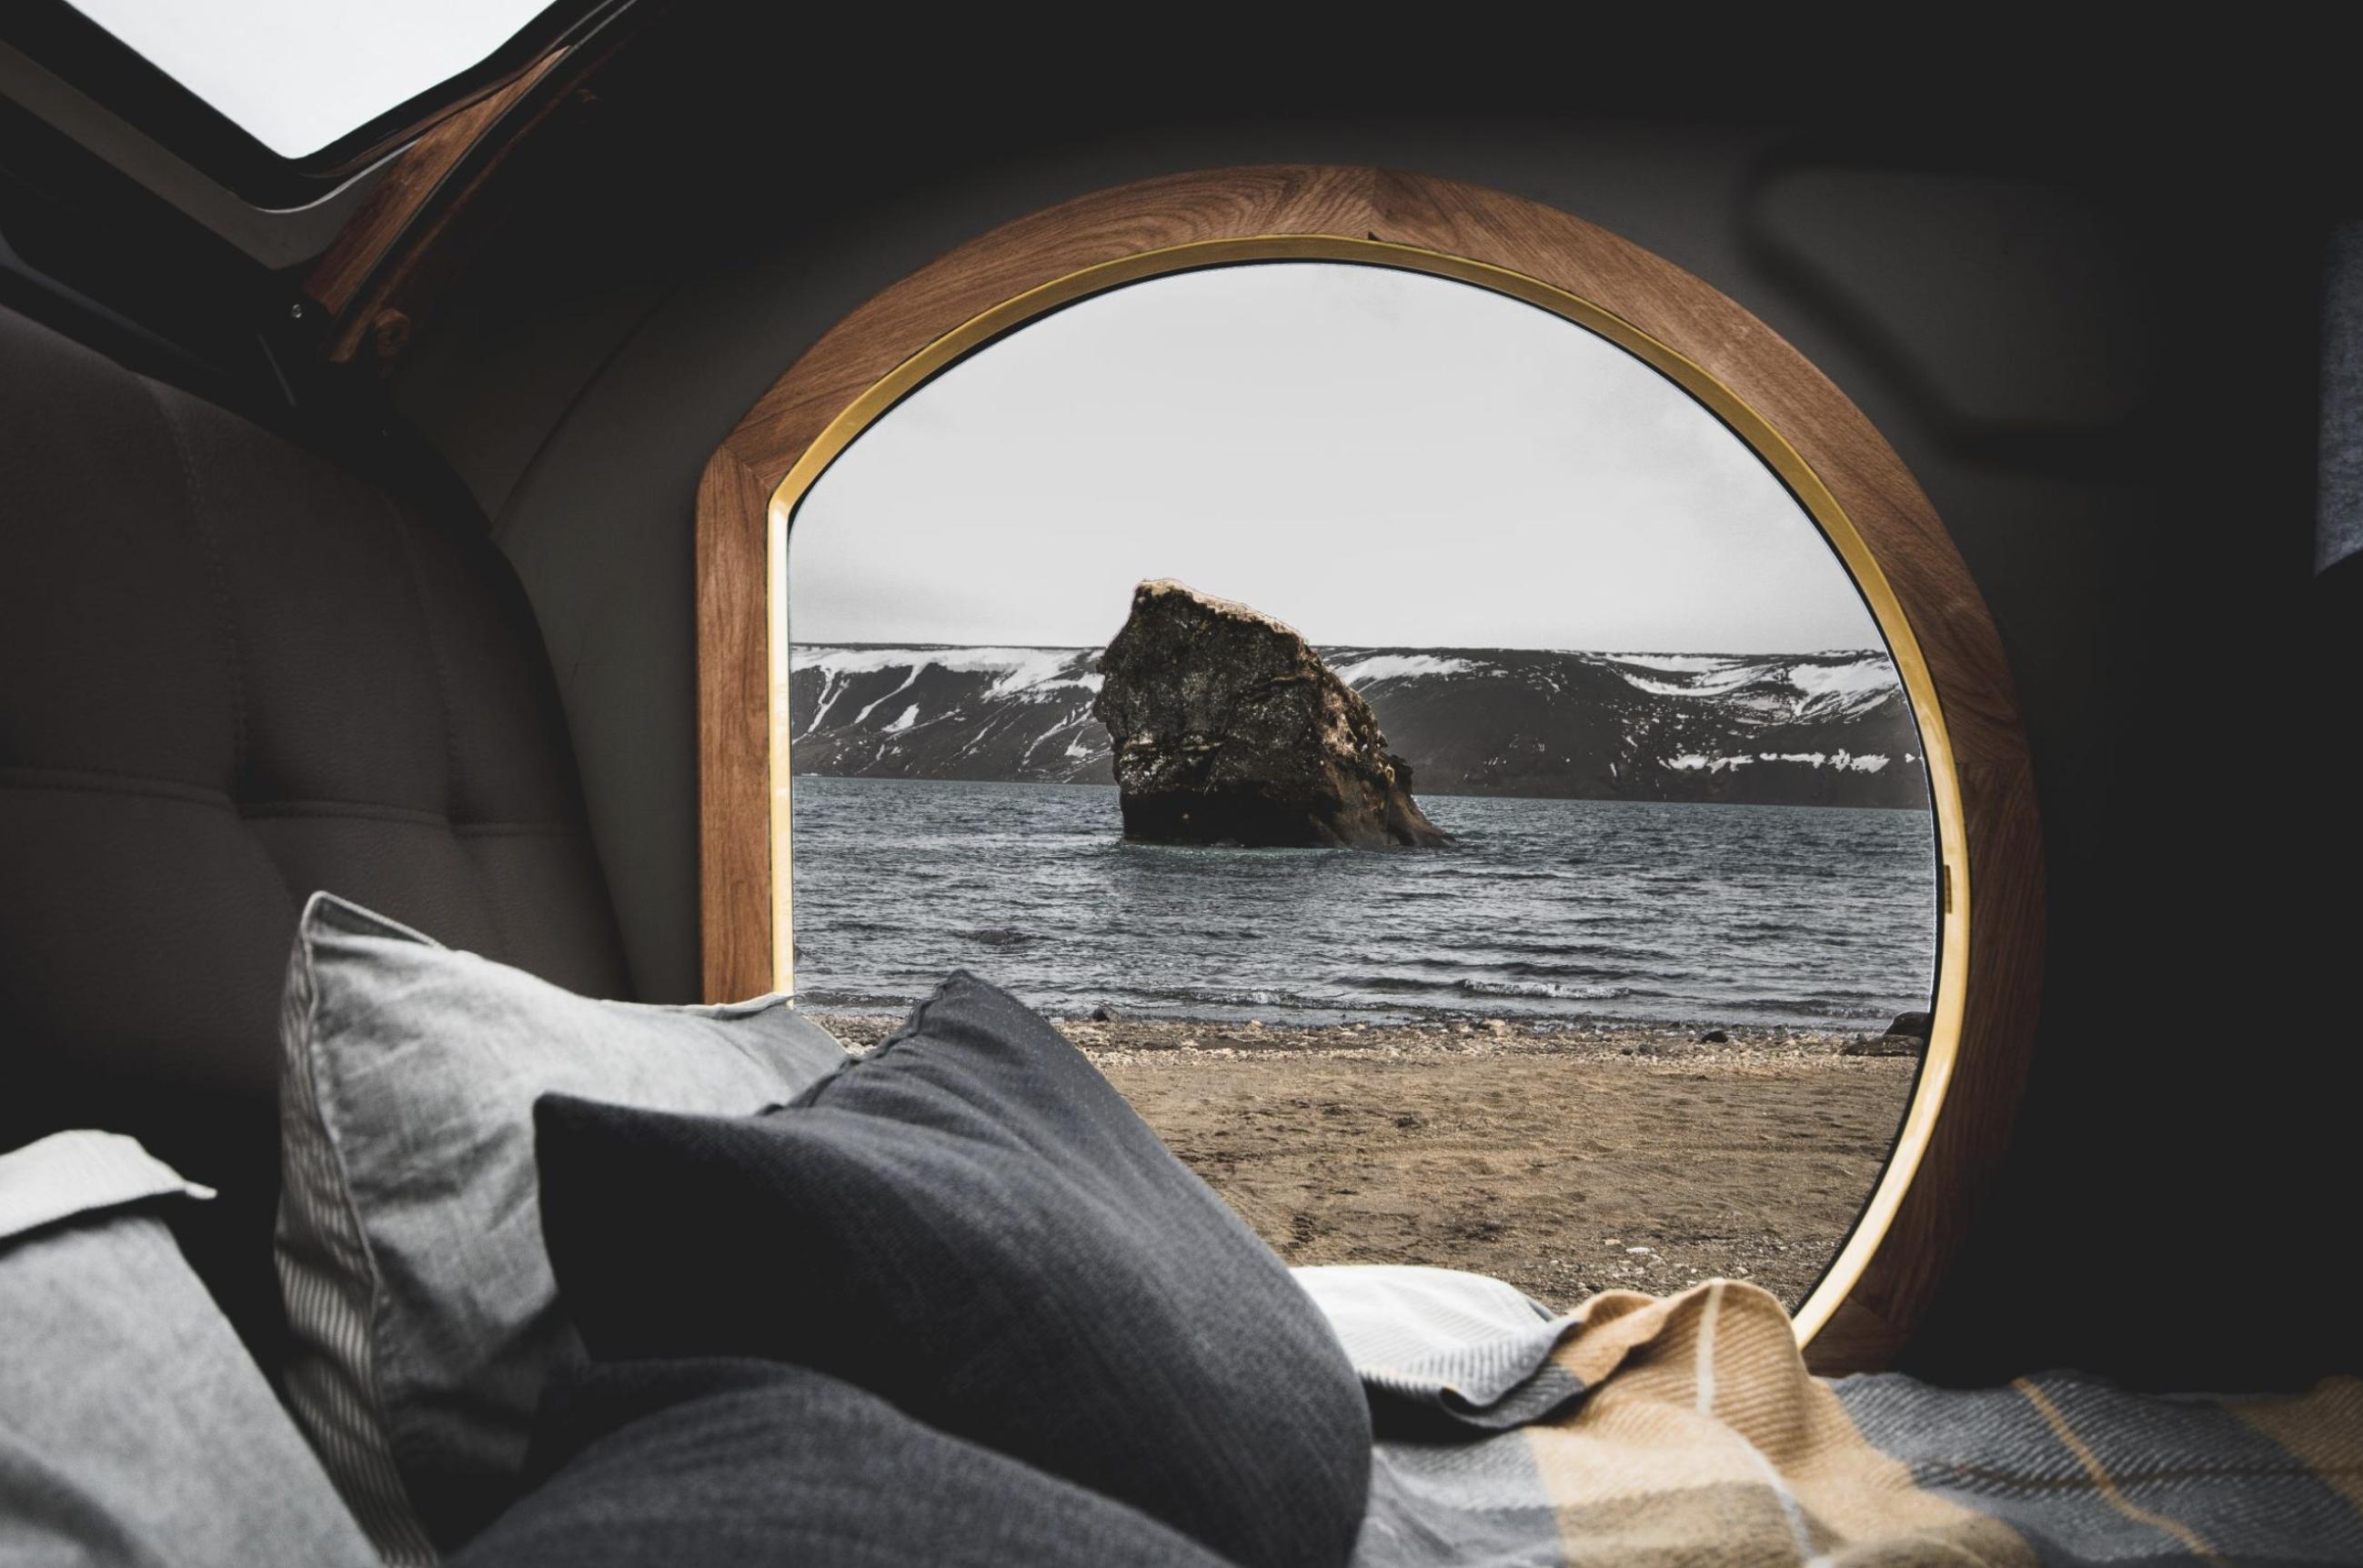 mini caravane Mink Campers vue par la fenetre